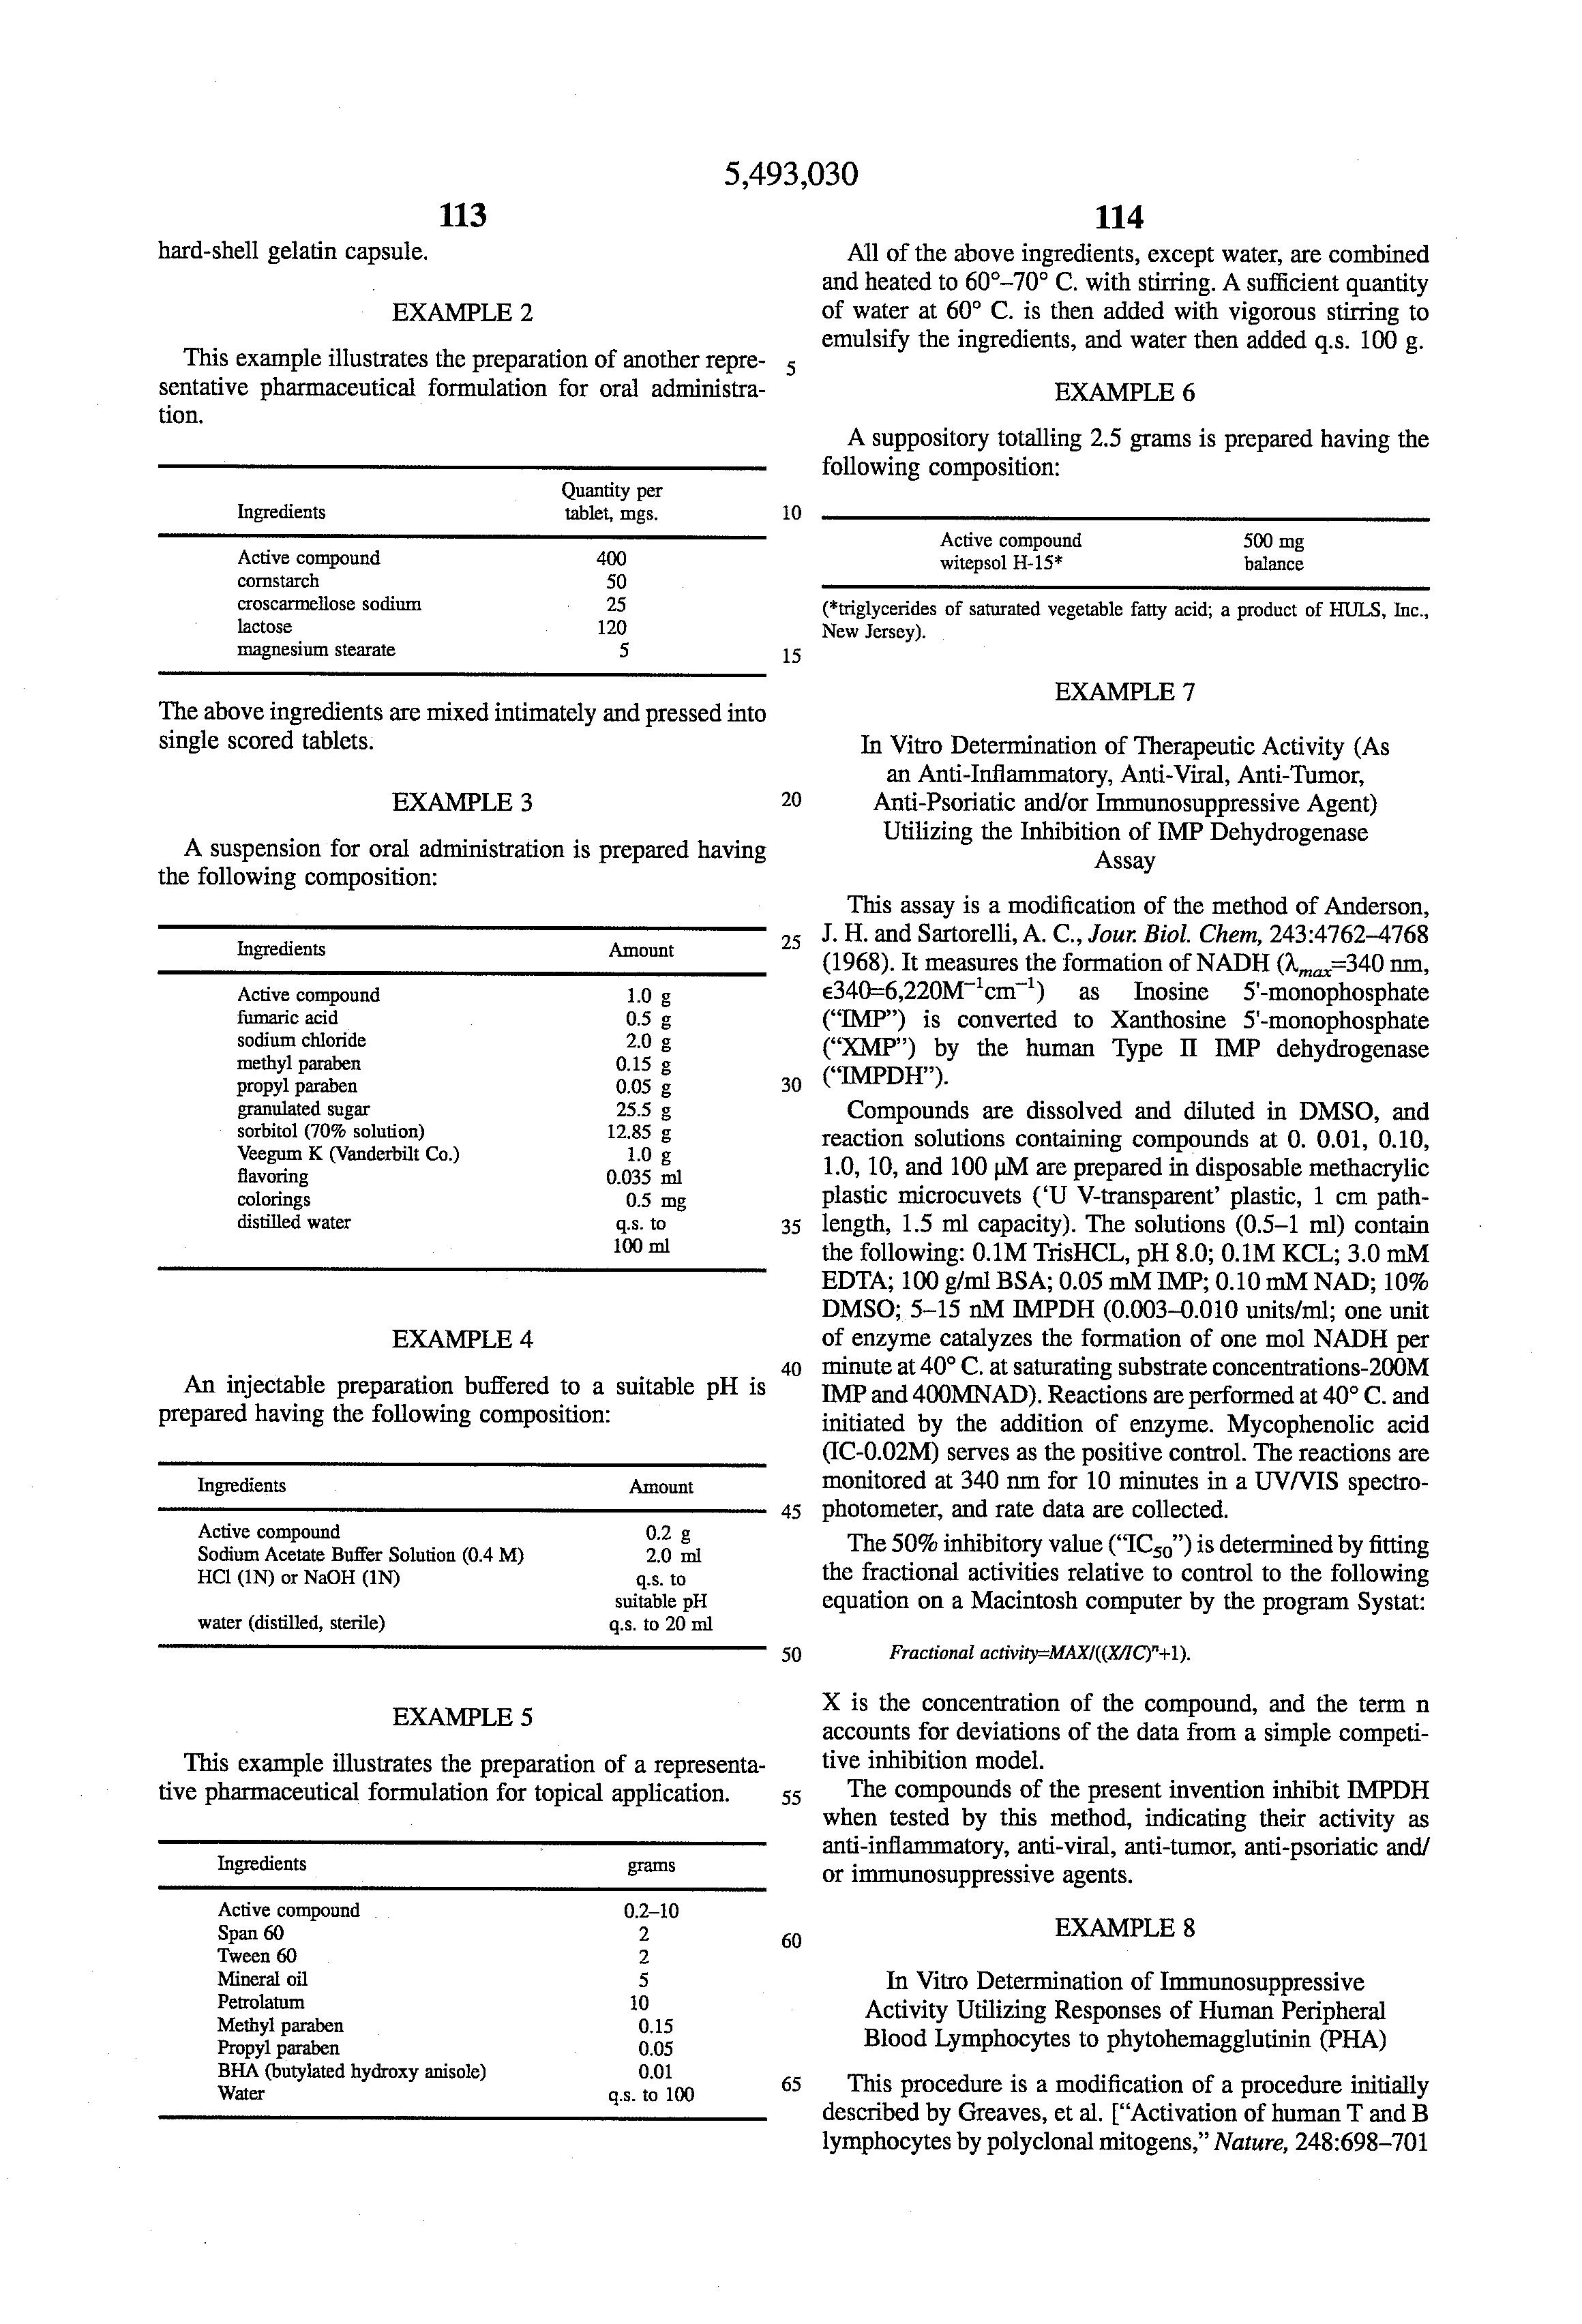 Steiner school problems essay